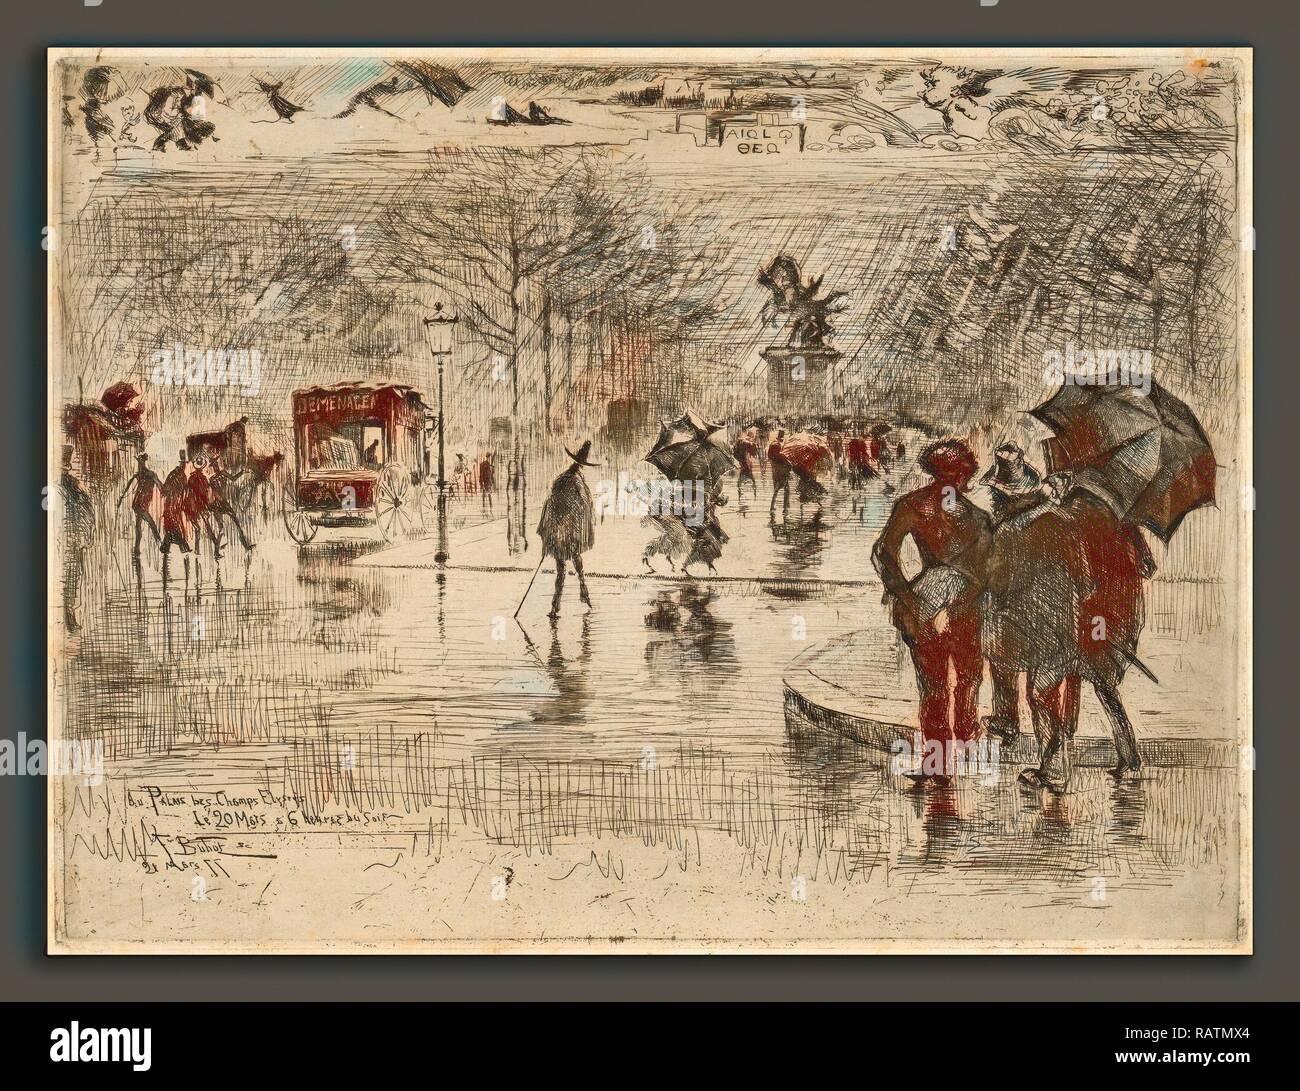 Félix-Hilaire Buhot, Le Retour des Artistes, French, 1847 - 1898, 1877, etching on laid paper. Reimagined - Stock Image